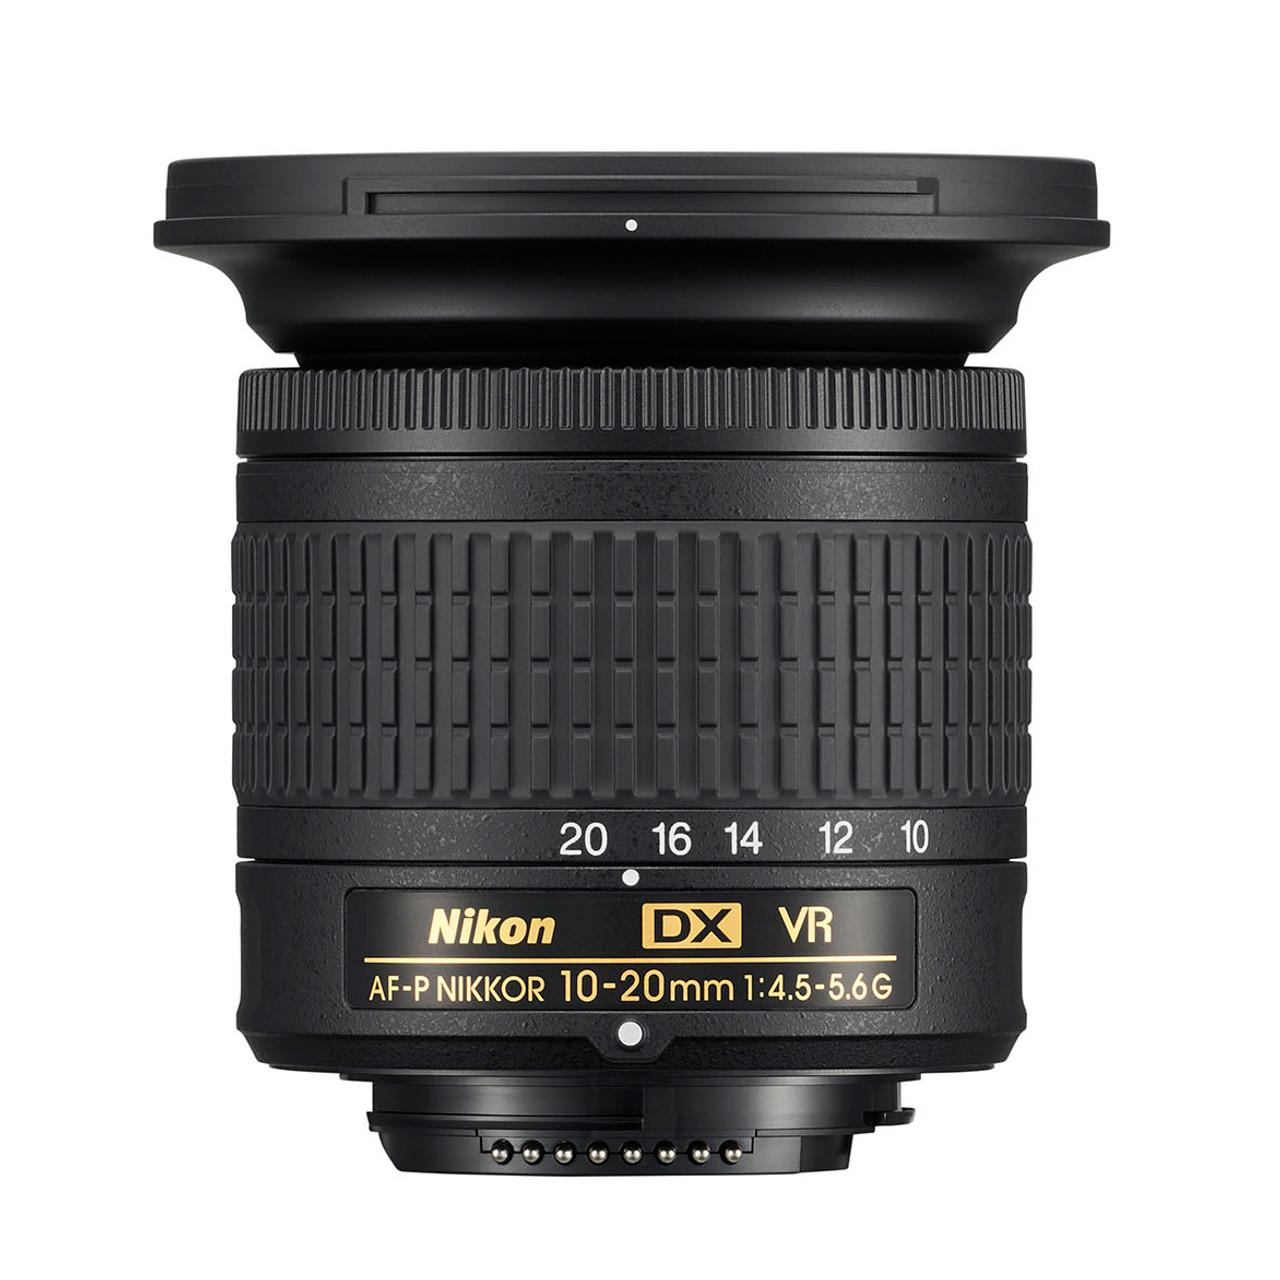 NIKON AF-P 10-20MM F/4.5-5.6G VR (DX)